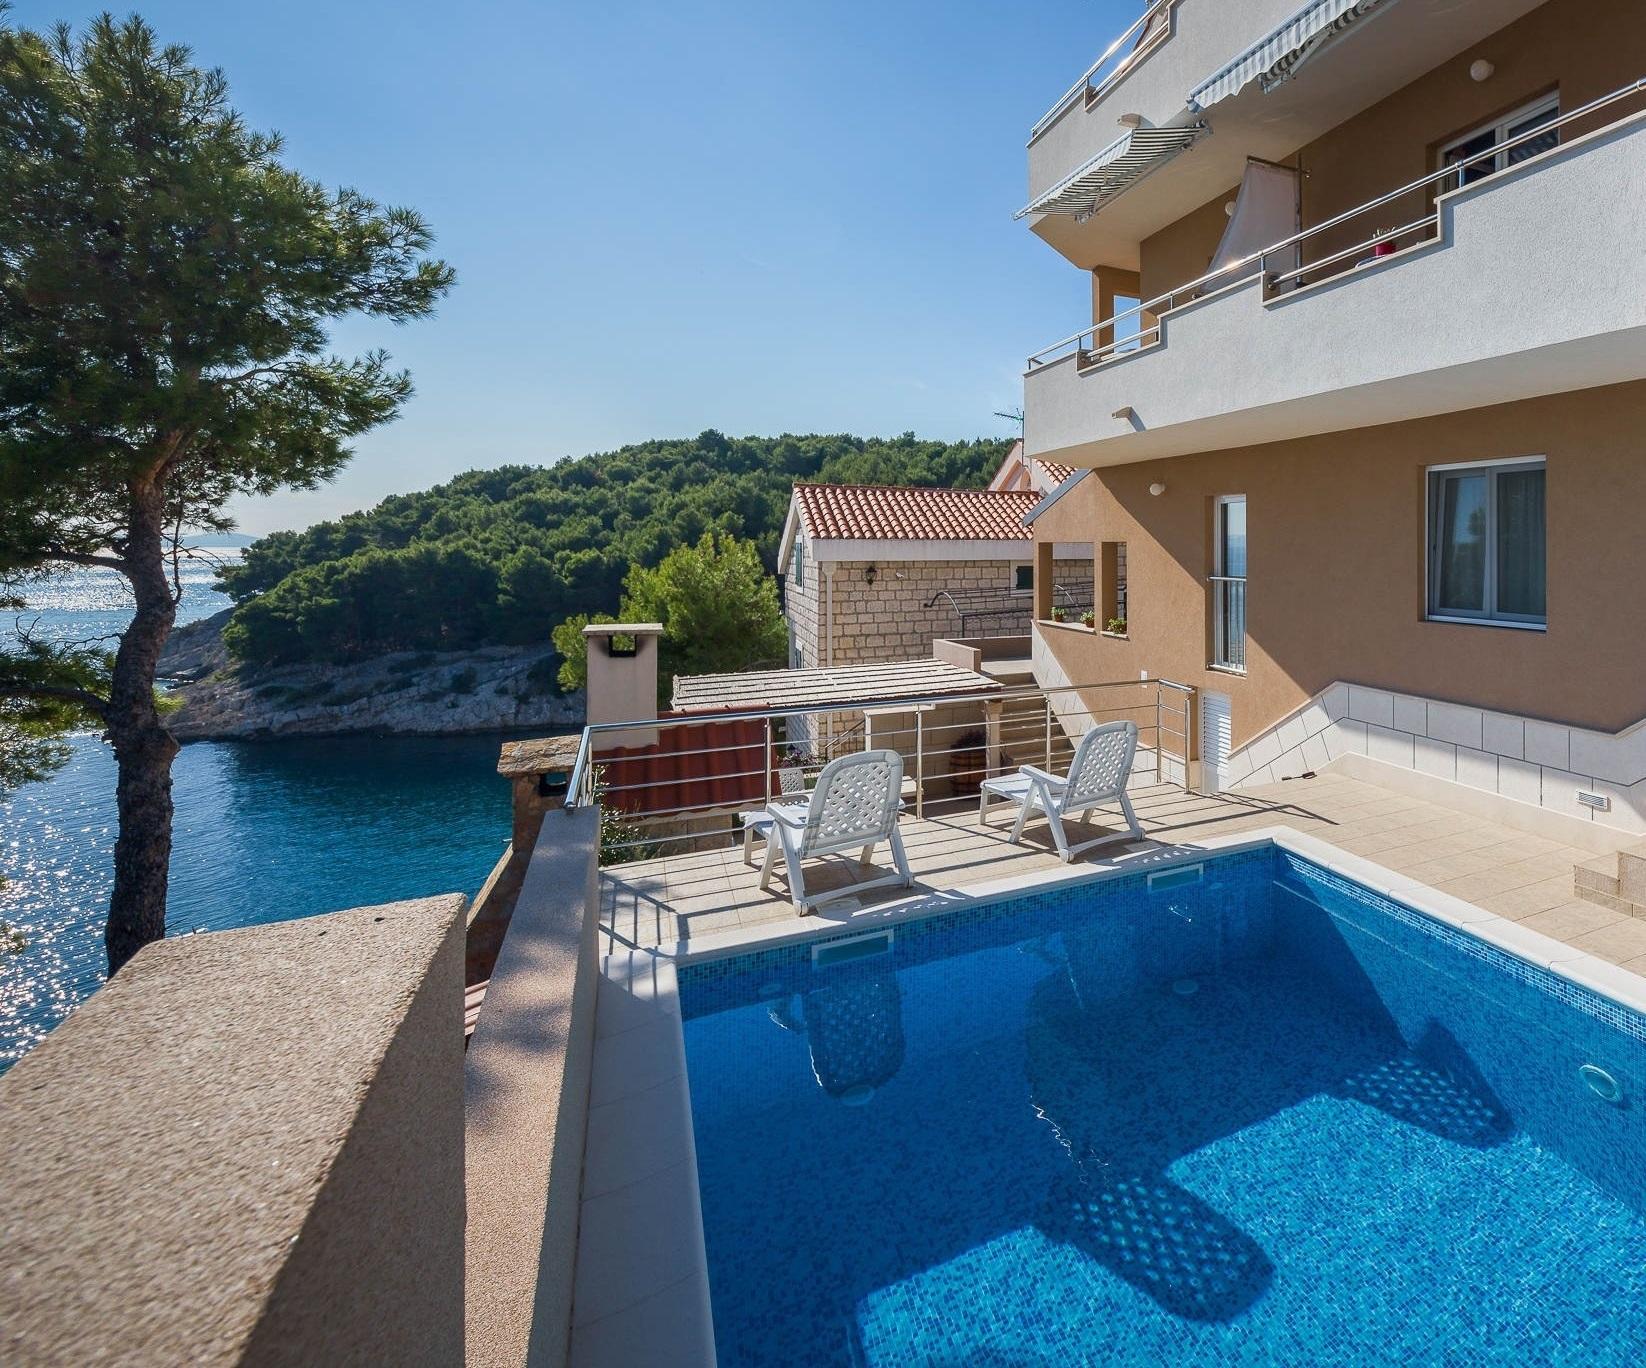 4958 - Baia Osibova (Milna) - Alloggio nelle baie Croazia